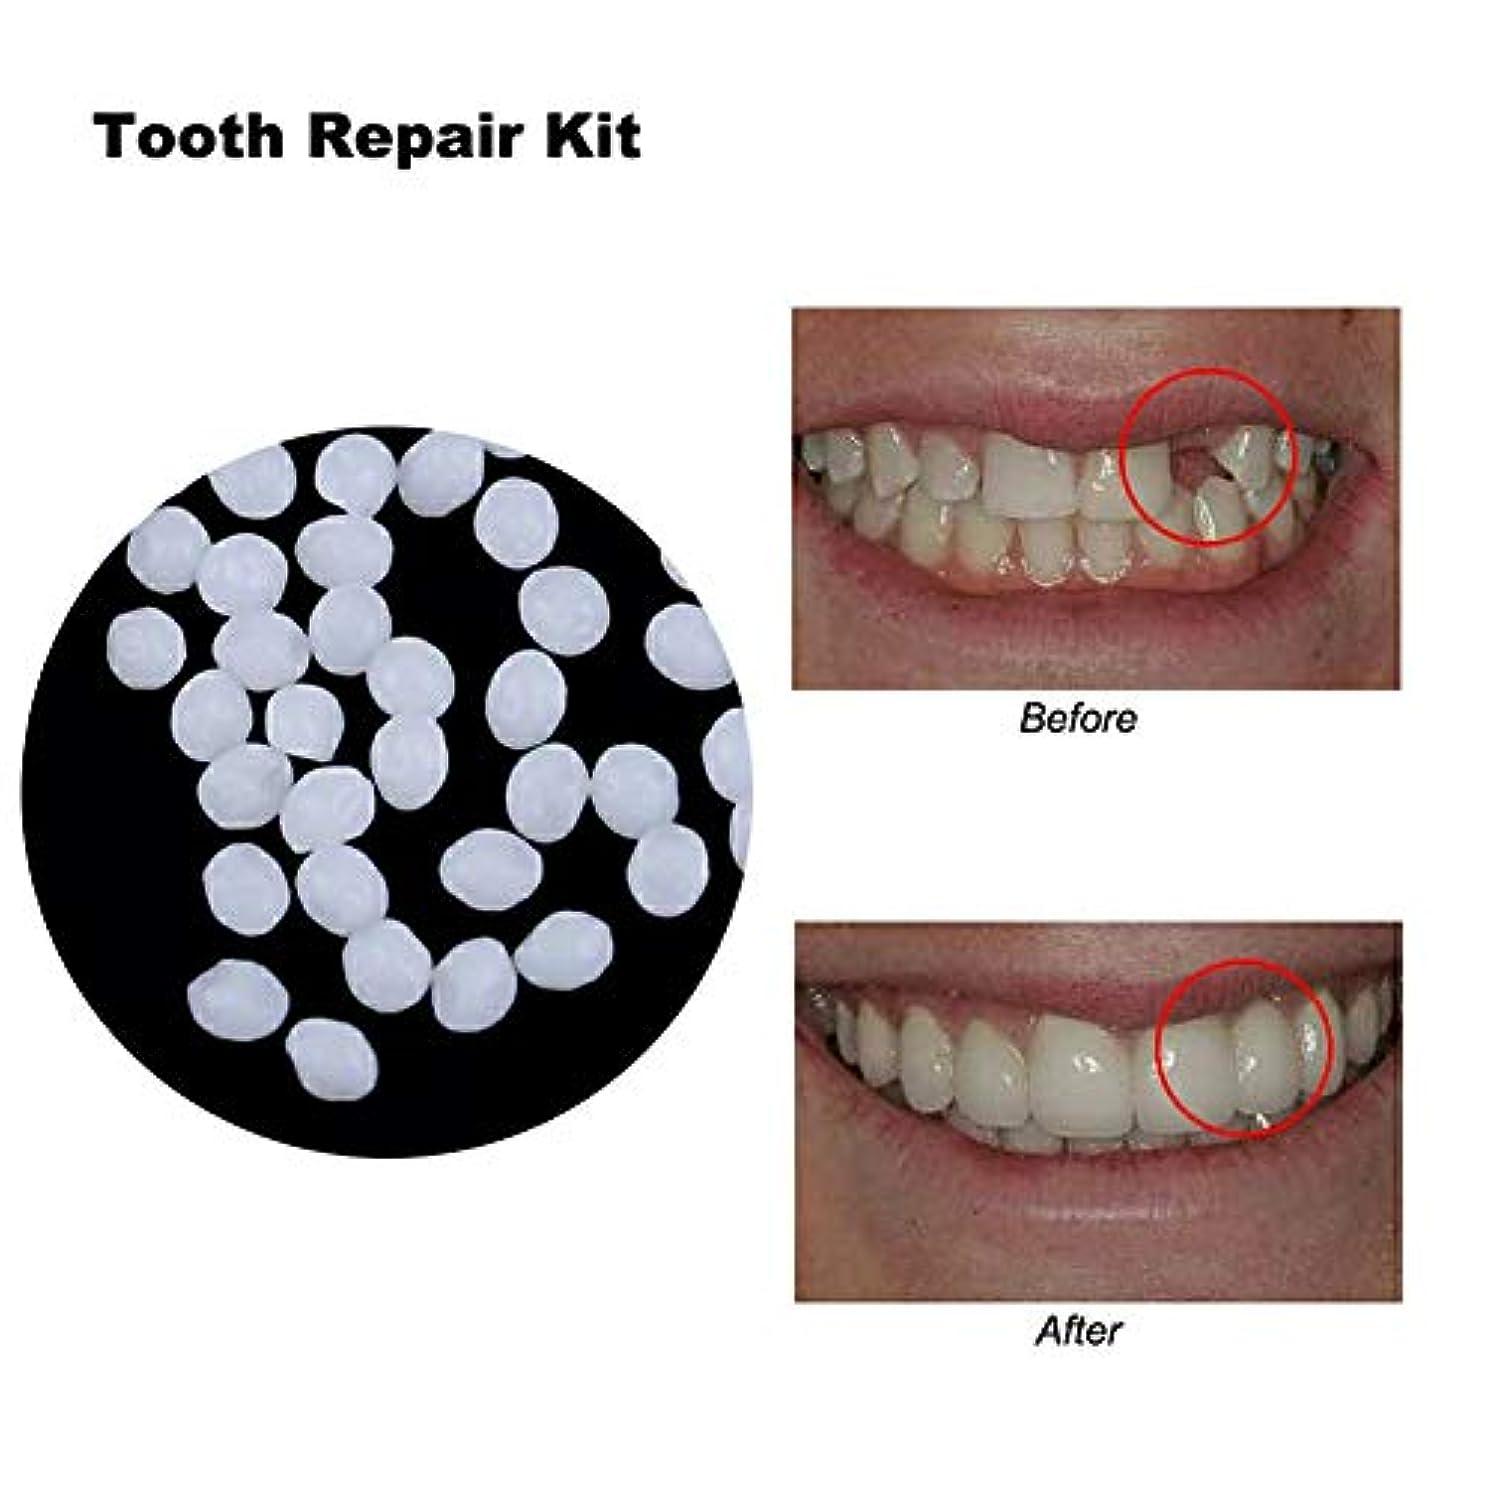 偽歯固体接着剤、樹脂の歯とギャップのための一時的な化粧品の歯の修復キットクリエイティブ義歯接着剤,20ml20g